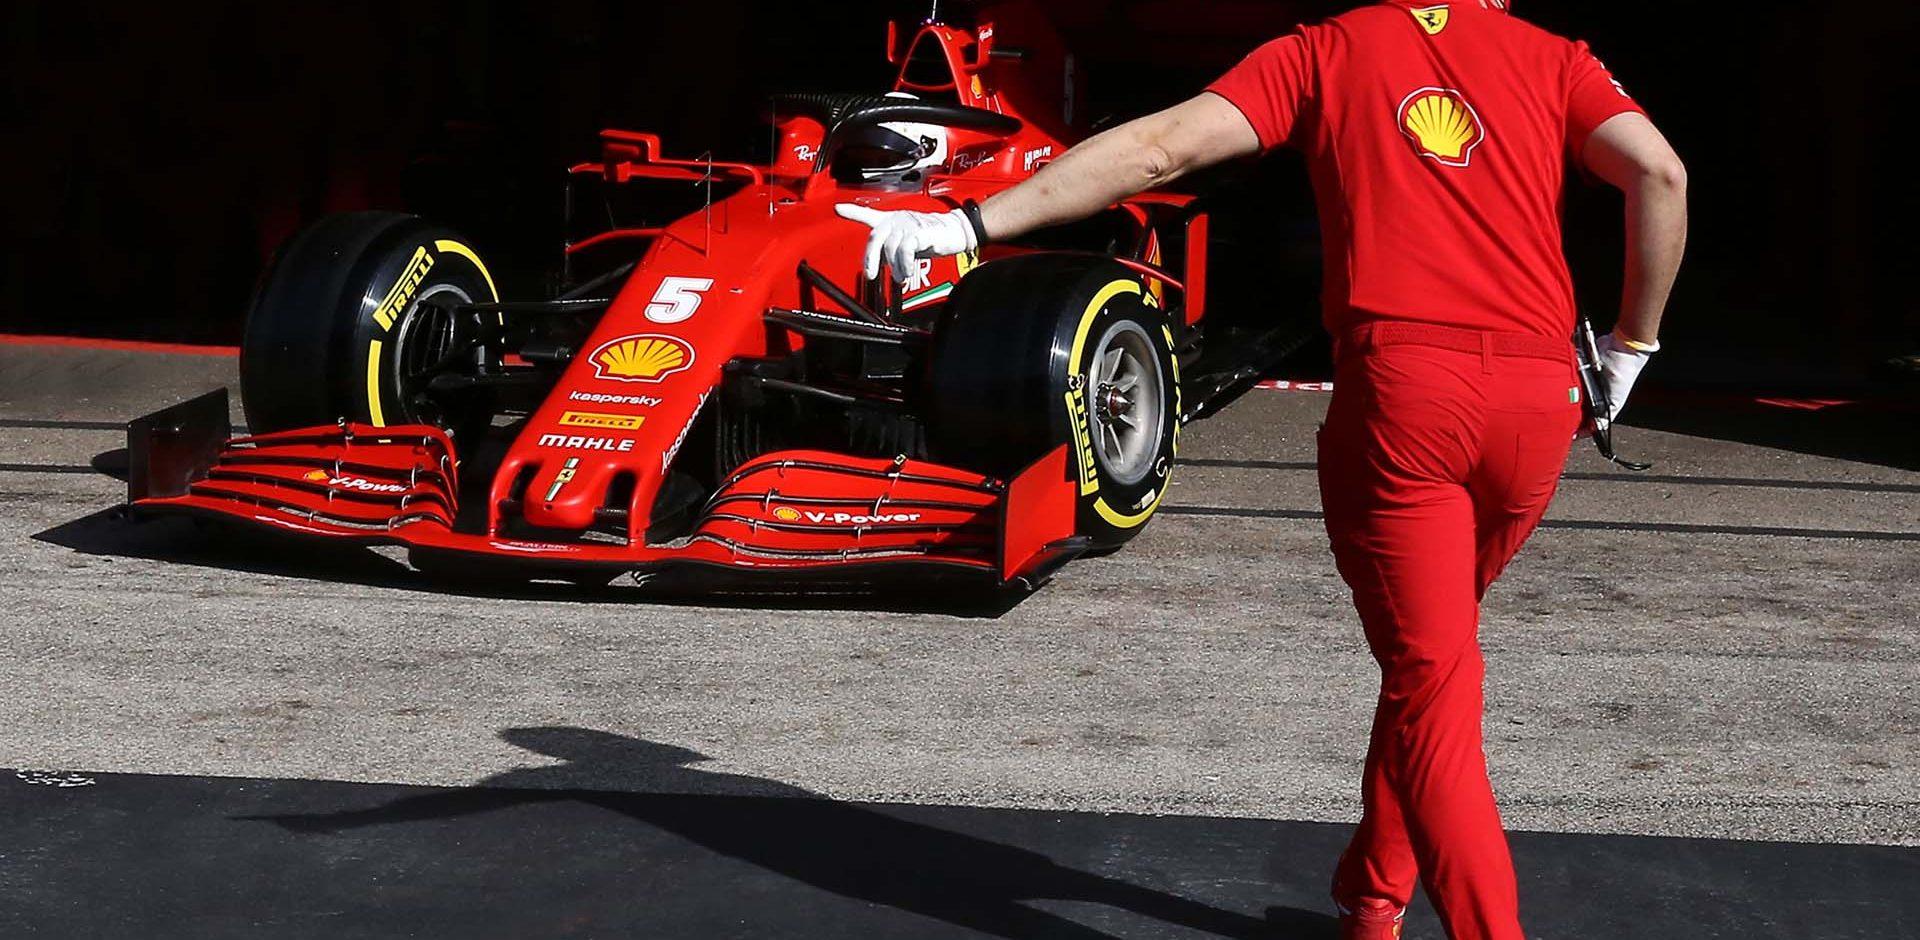 GP PORTOGALLO F1/2020 -  SABATO 24/10/2020   Sebastian Vettel credit: @Scuderia Ferrari Press Office